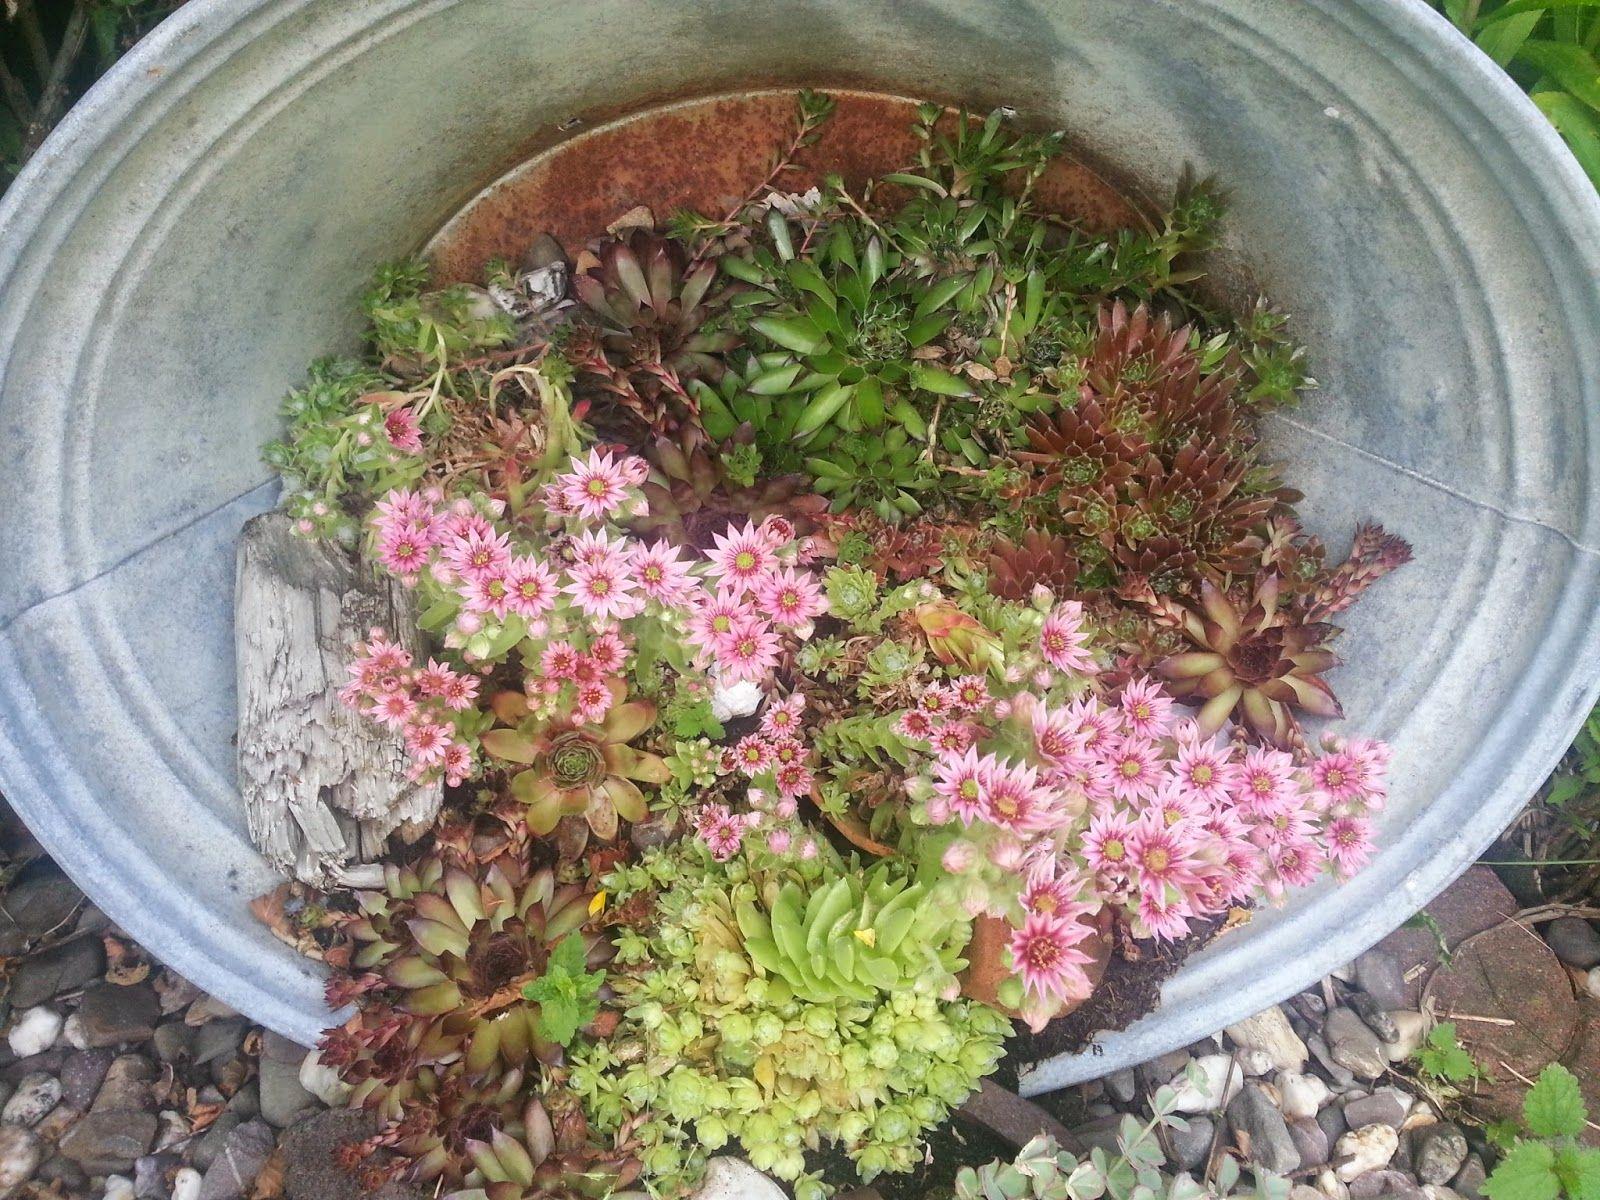 Wochenende und vor dem ertrinken gerettet Garden Zinkwanne bepflanzen, Garten und Garten deko ~ 03164802_Sukkulenten Hauswurz Unterschied